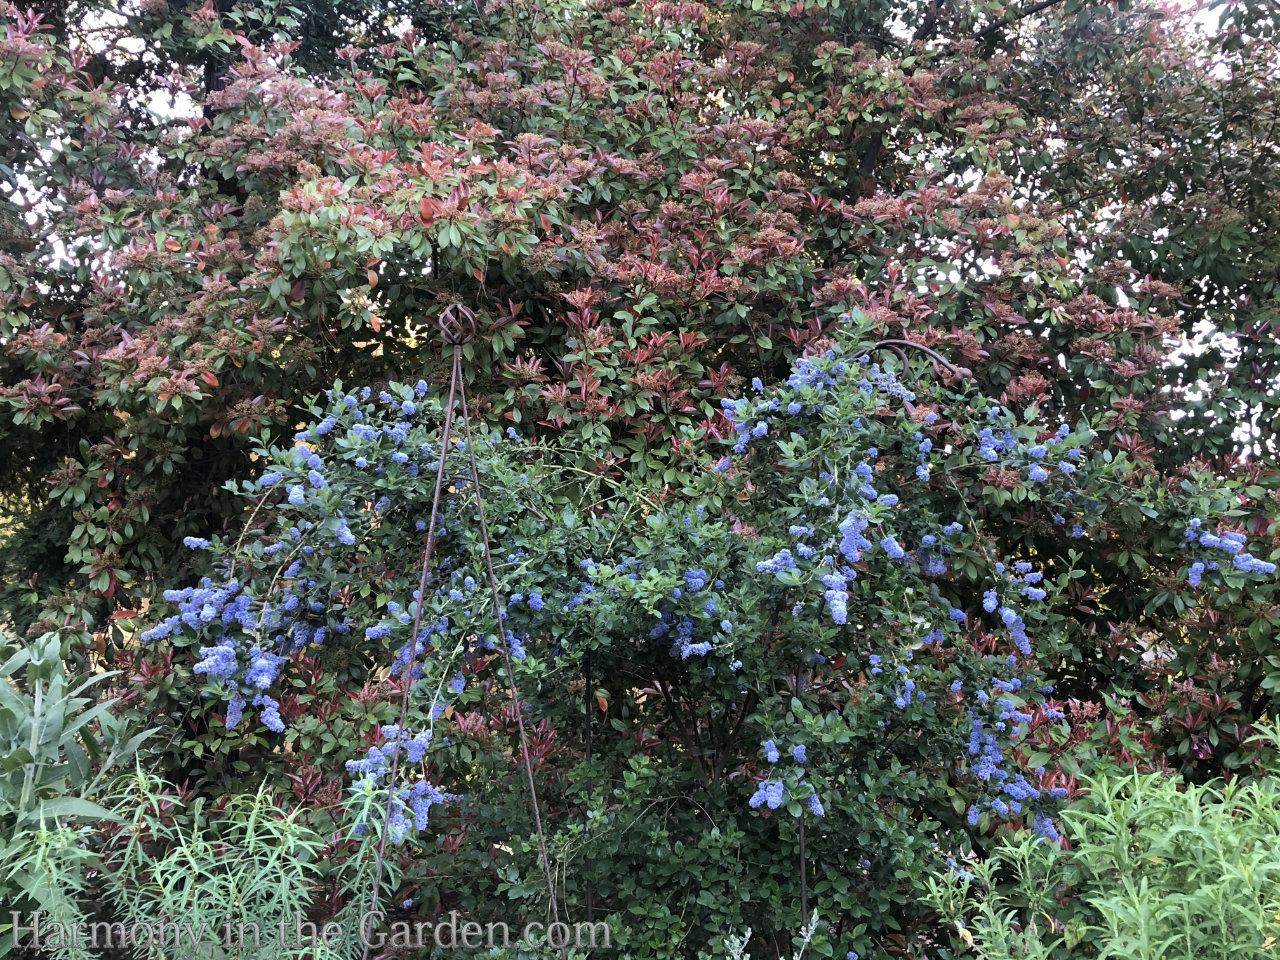 https://harmonyinthegarden.com/sacramento-historic-cemeterys-rose-native-perennial-gardens/